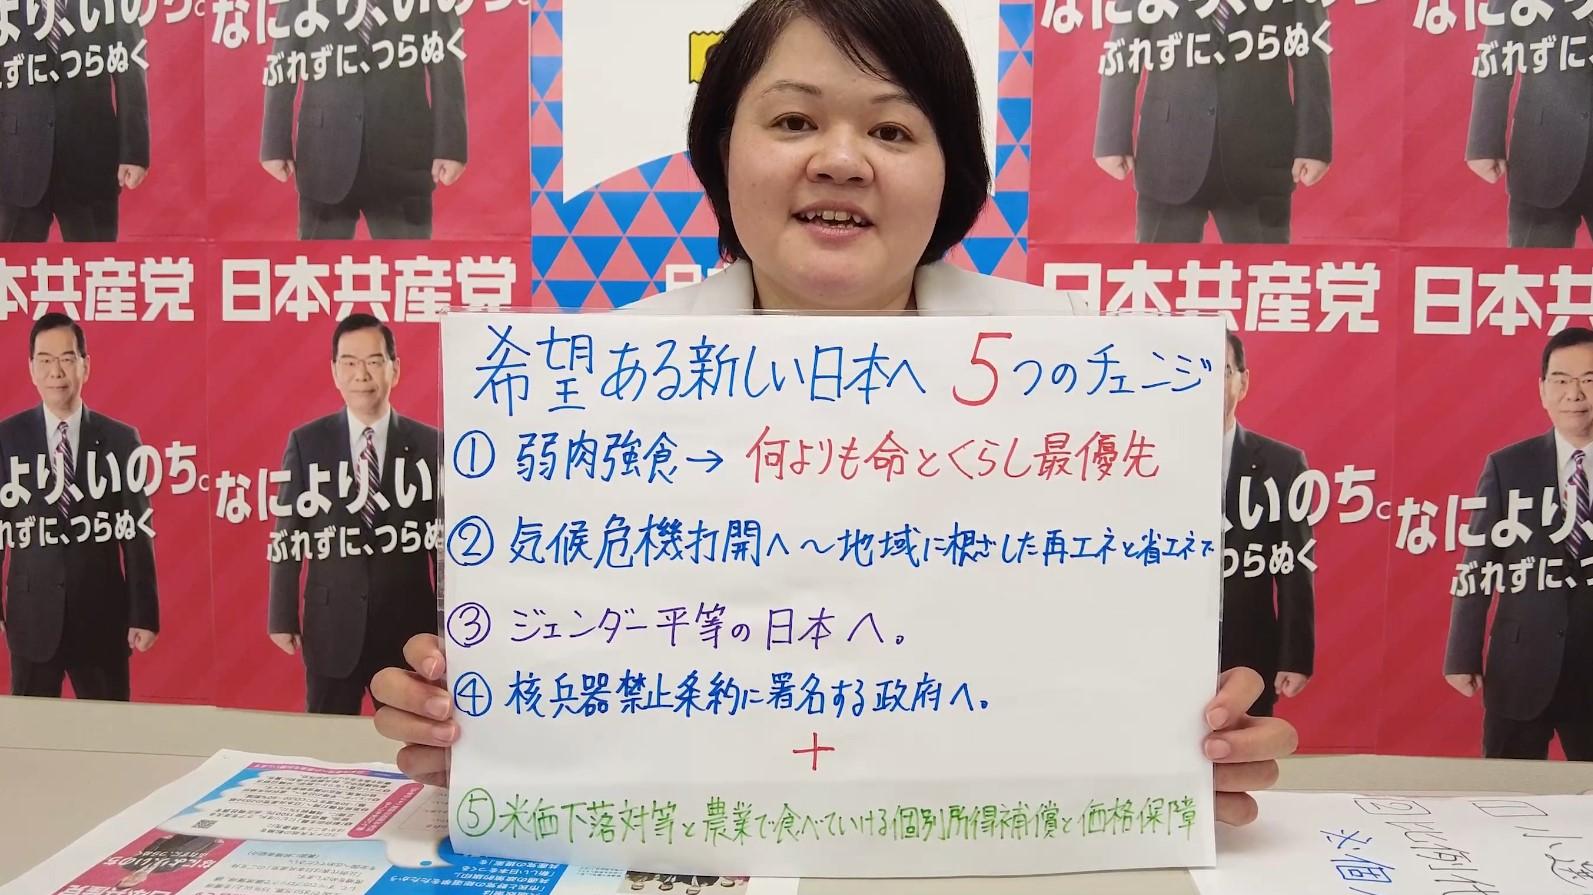 藤本友里「希望ある新しい日本へ5つのチェンジ」のお話と衆院選挙制度解説について